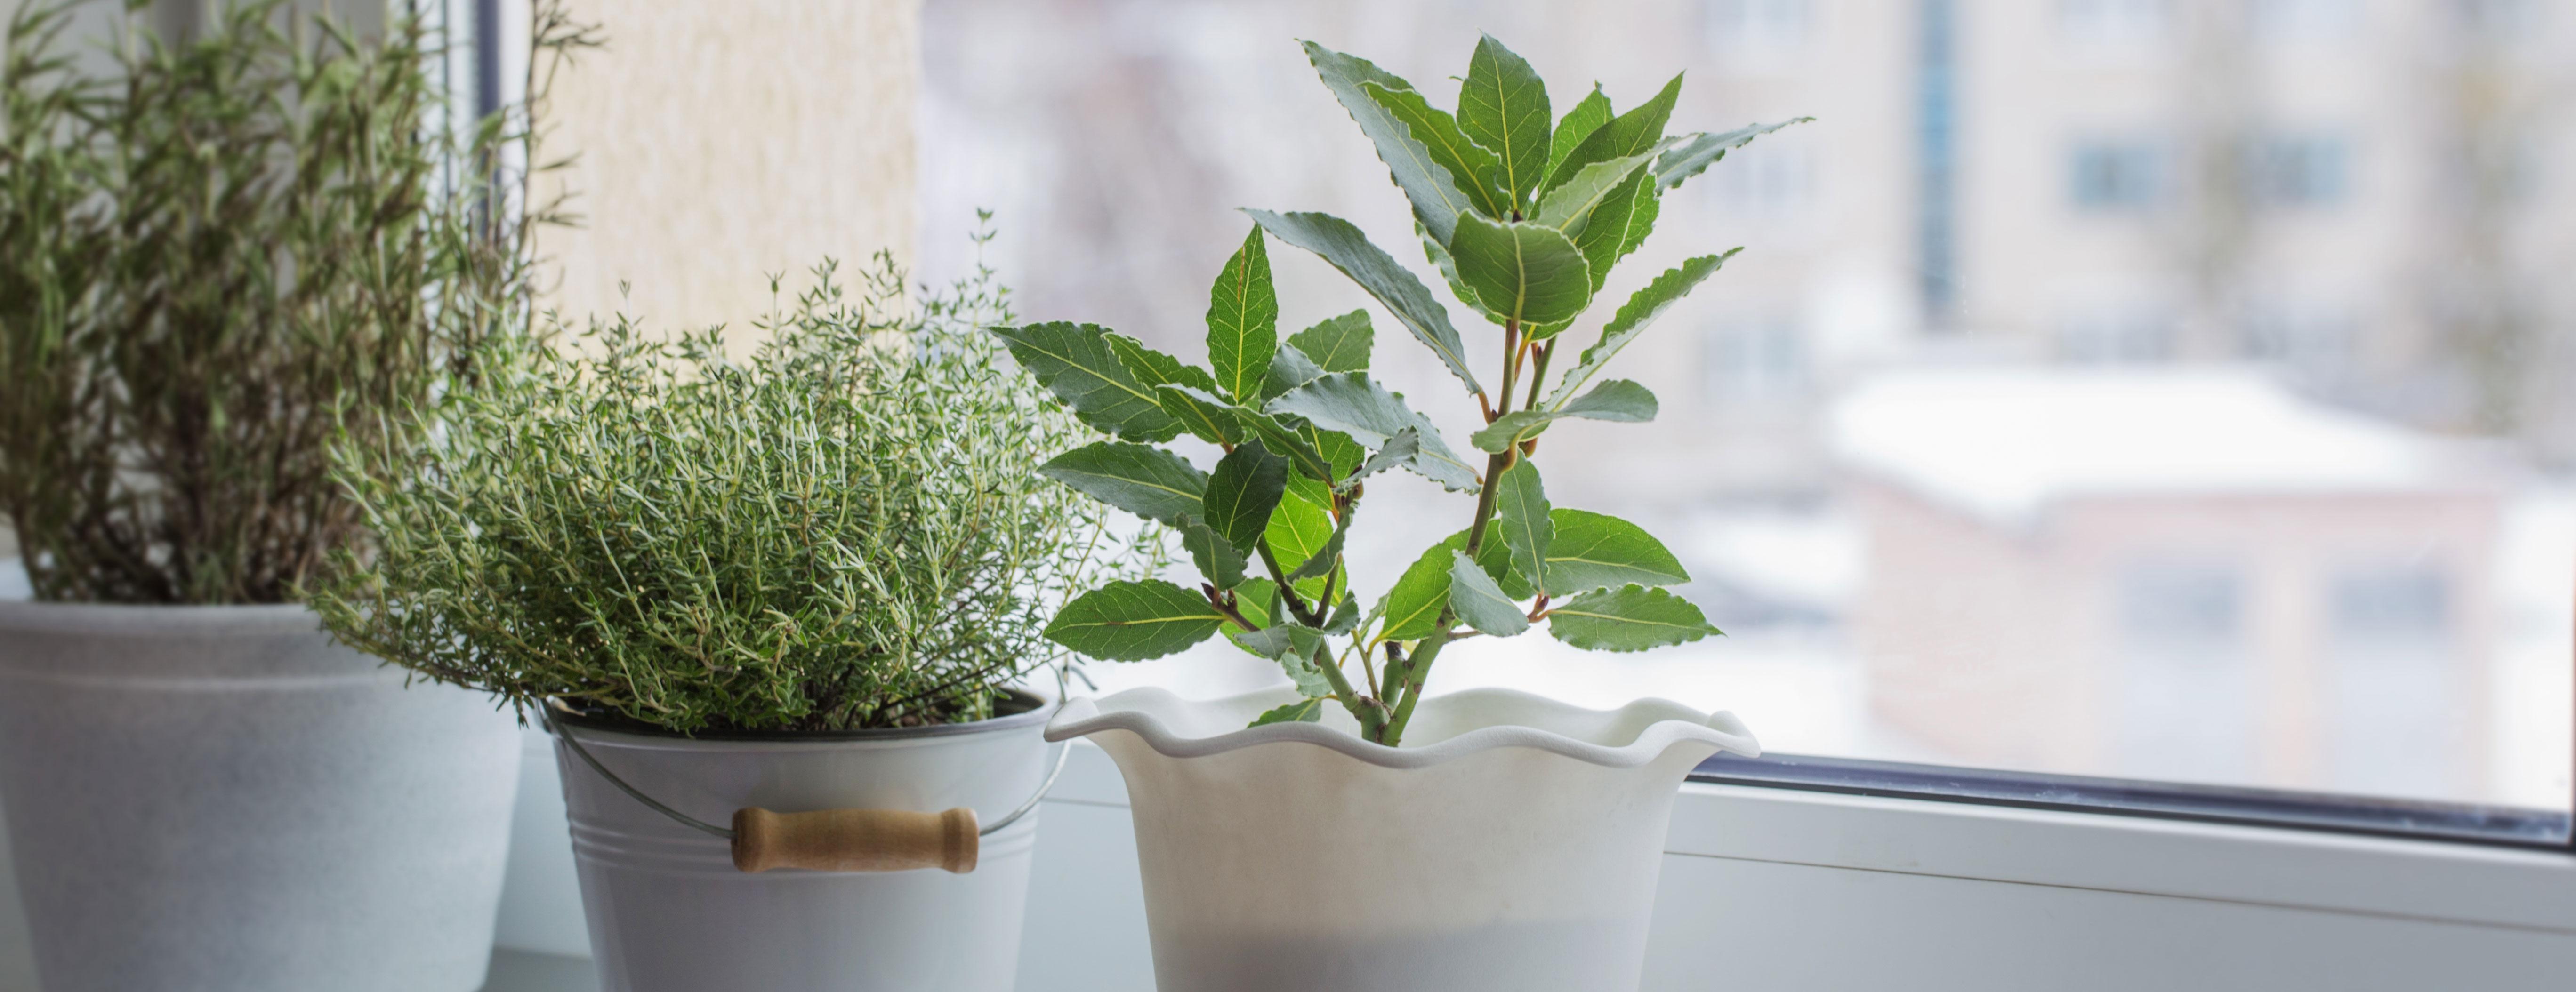 houseplants in windowsill